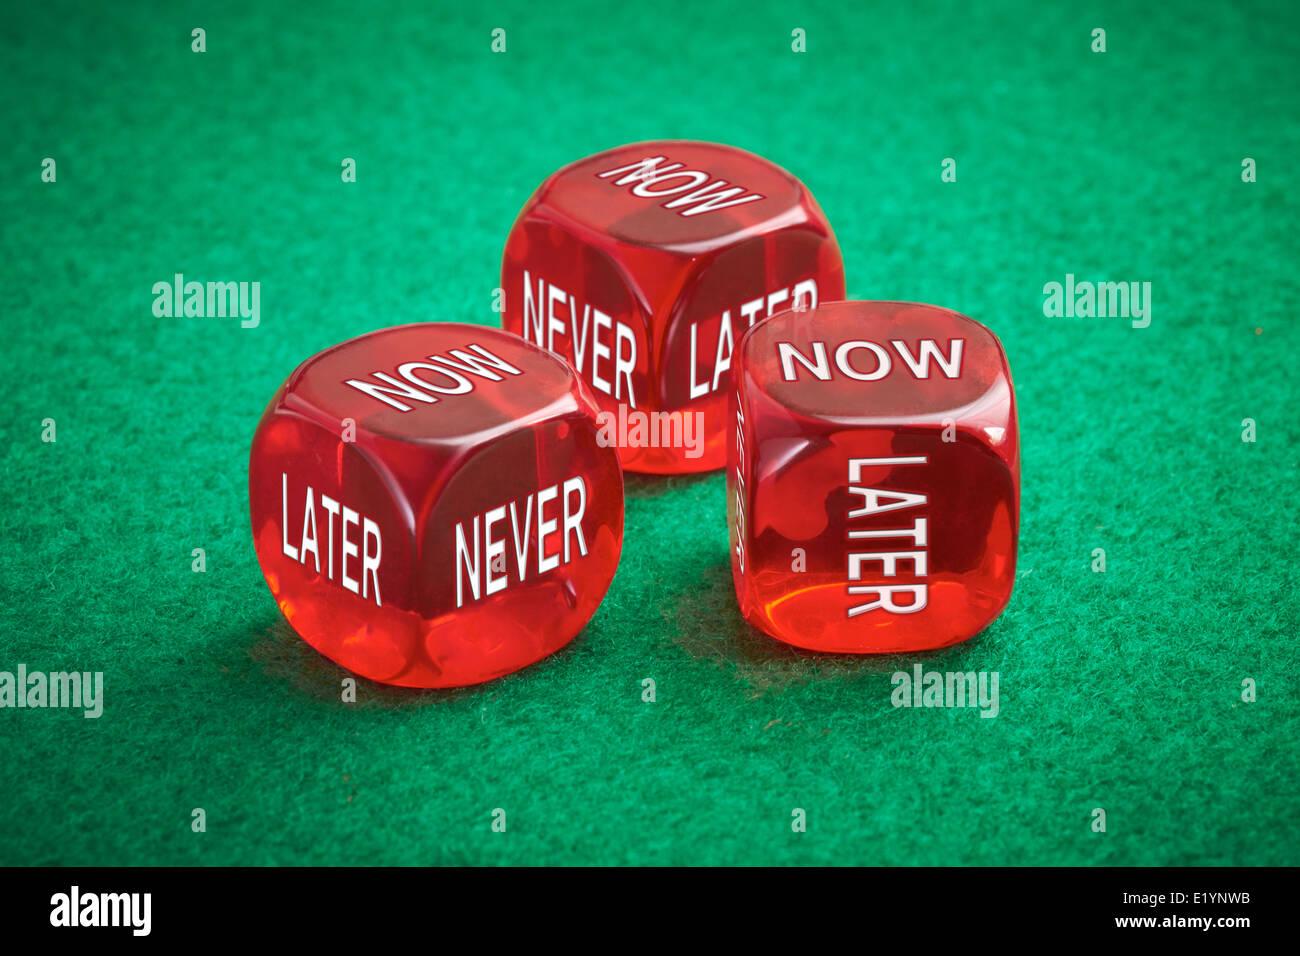 Perdre du temps concept, trois dés rouges sur un feutre vert arrière-plan. Photo Stock